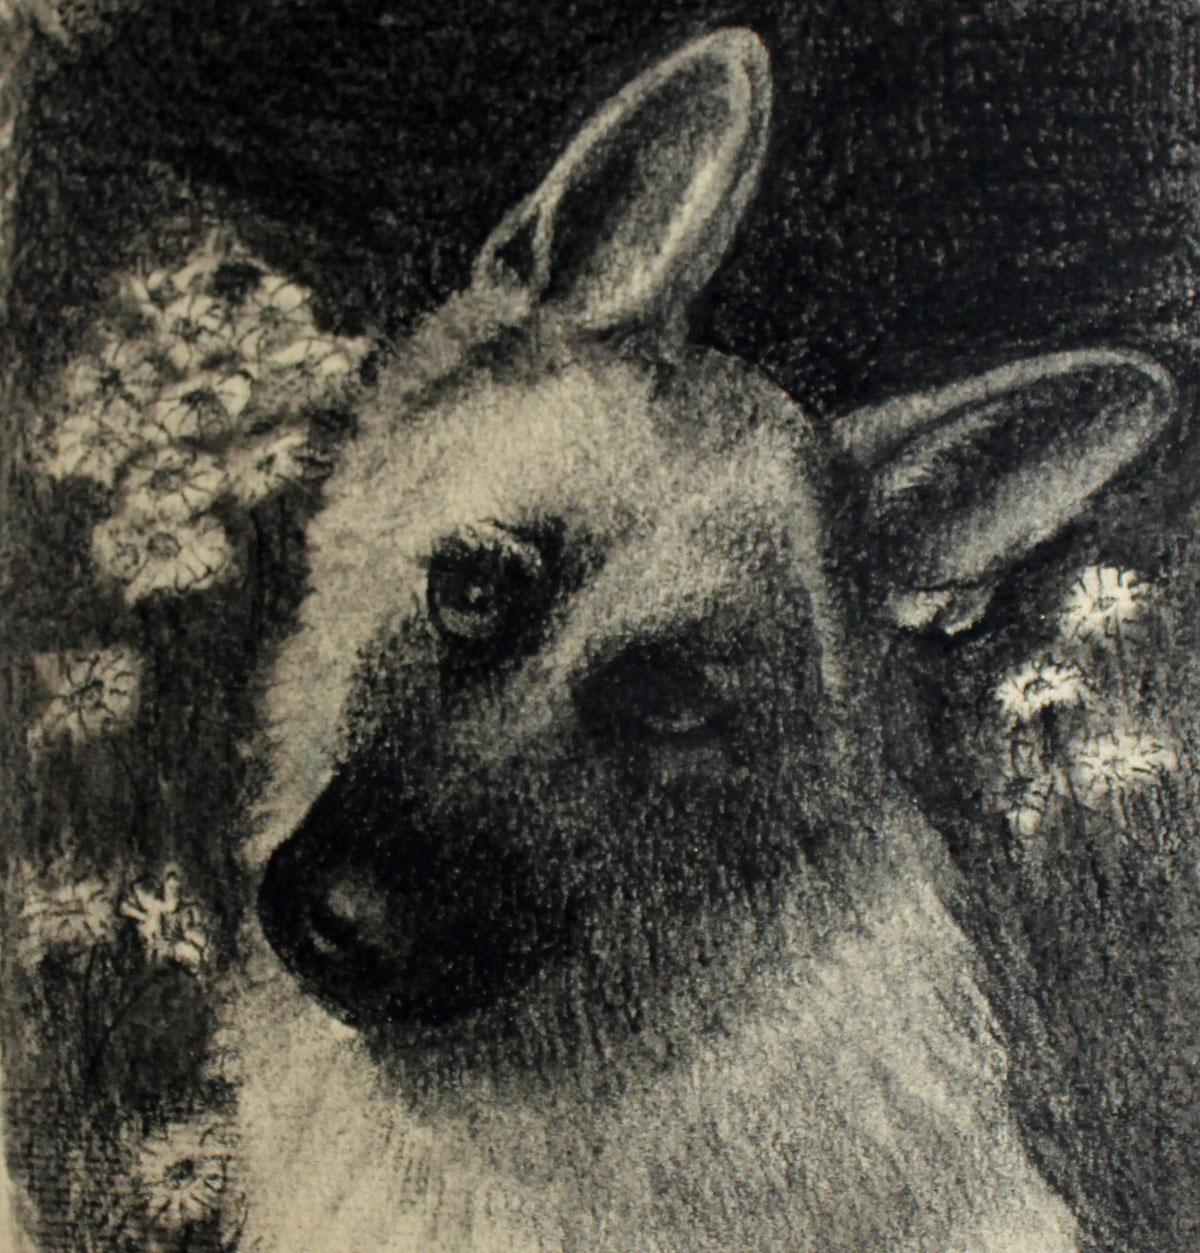 Sketch of a German Shepherd